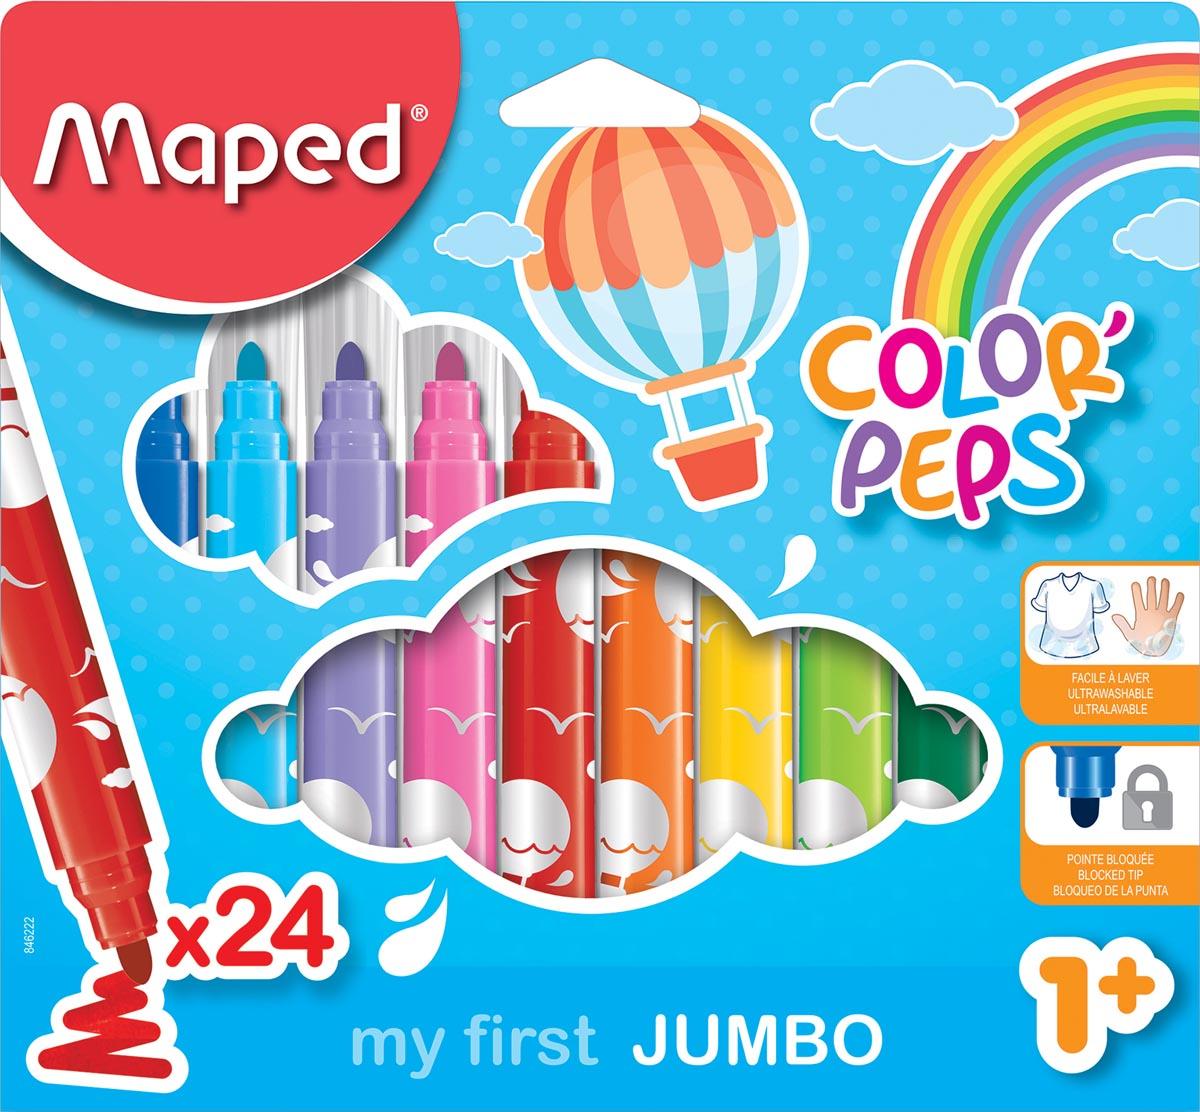 Maped viltstift Color'Peps Jumbo Early Age, etui van 24 stuks in geassorteerde kleuren